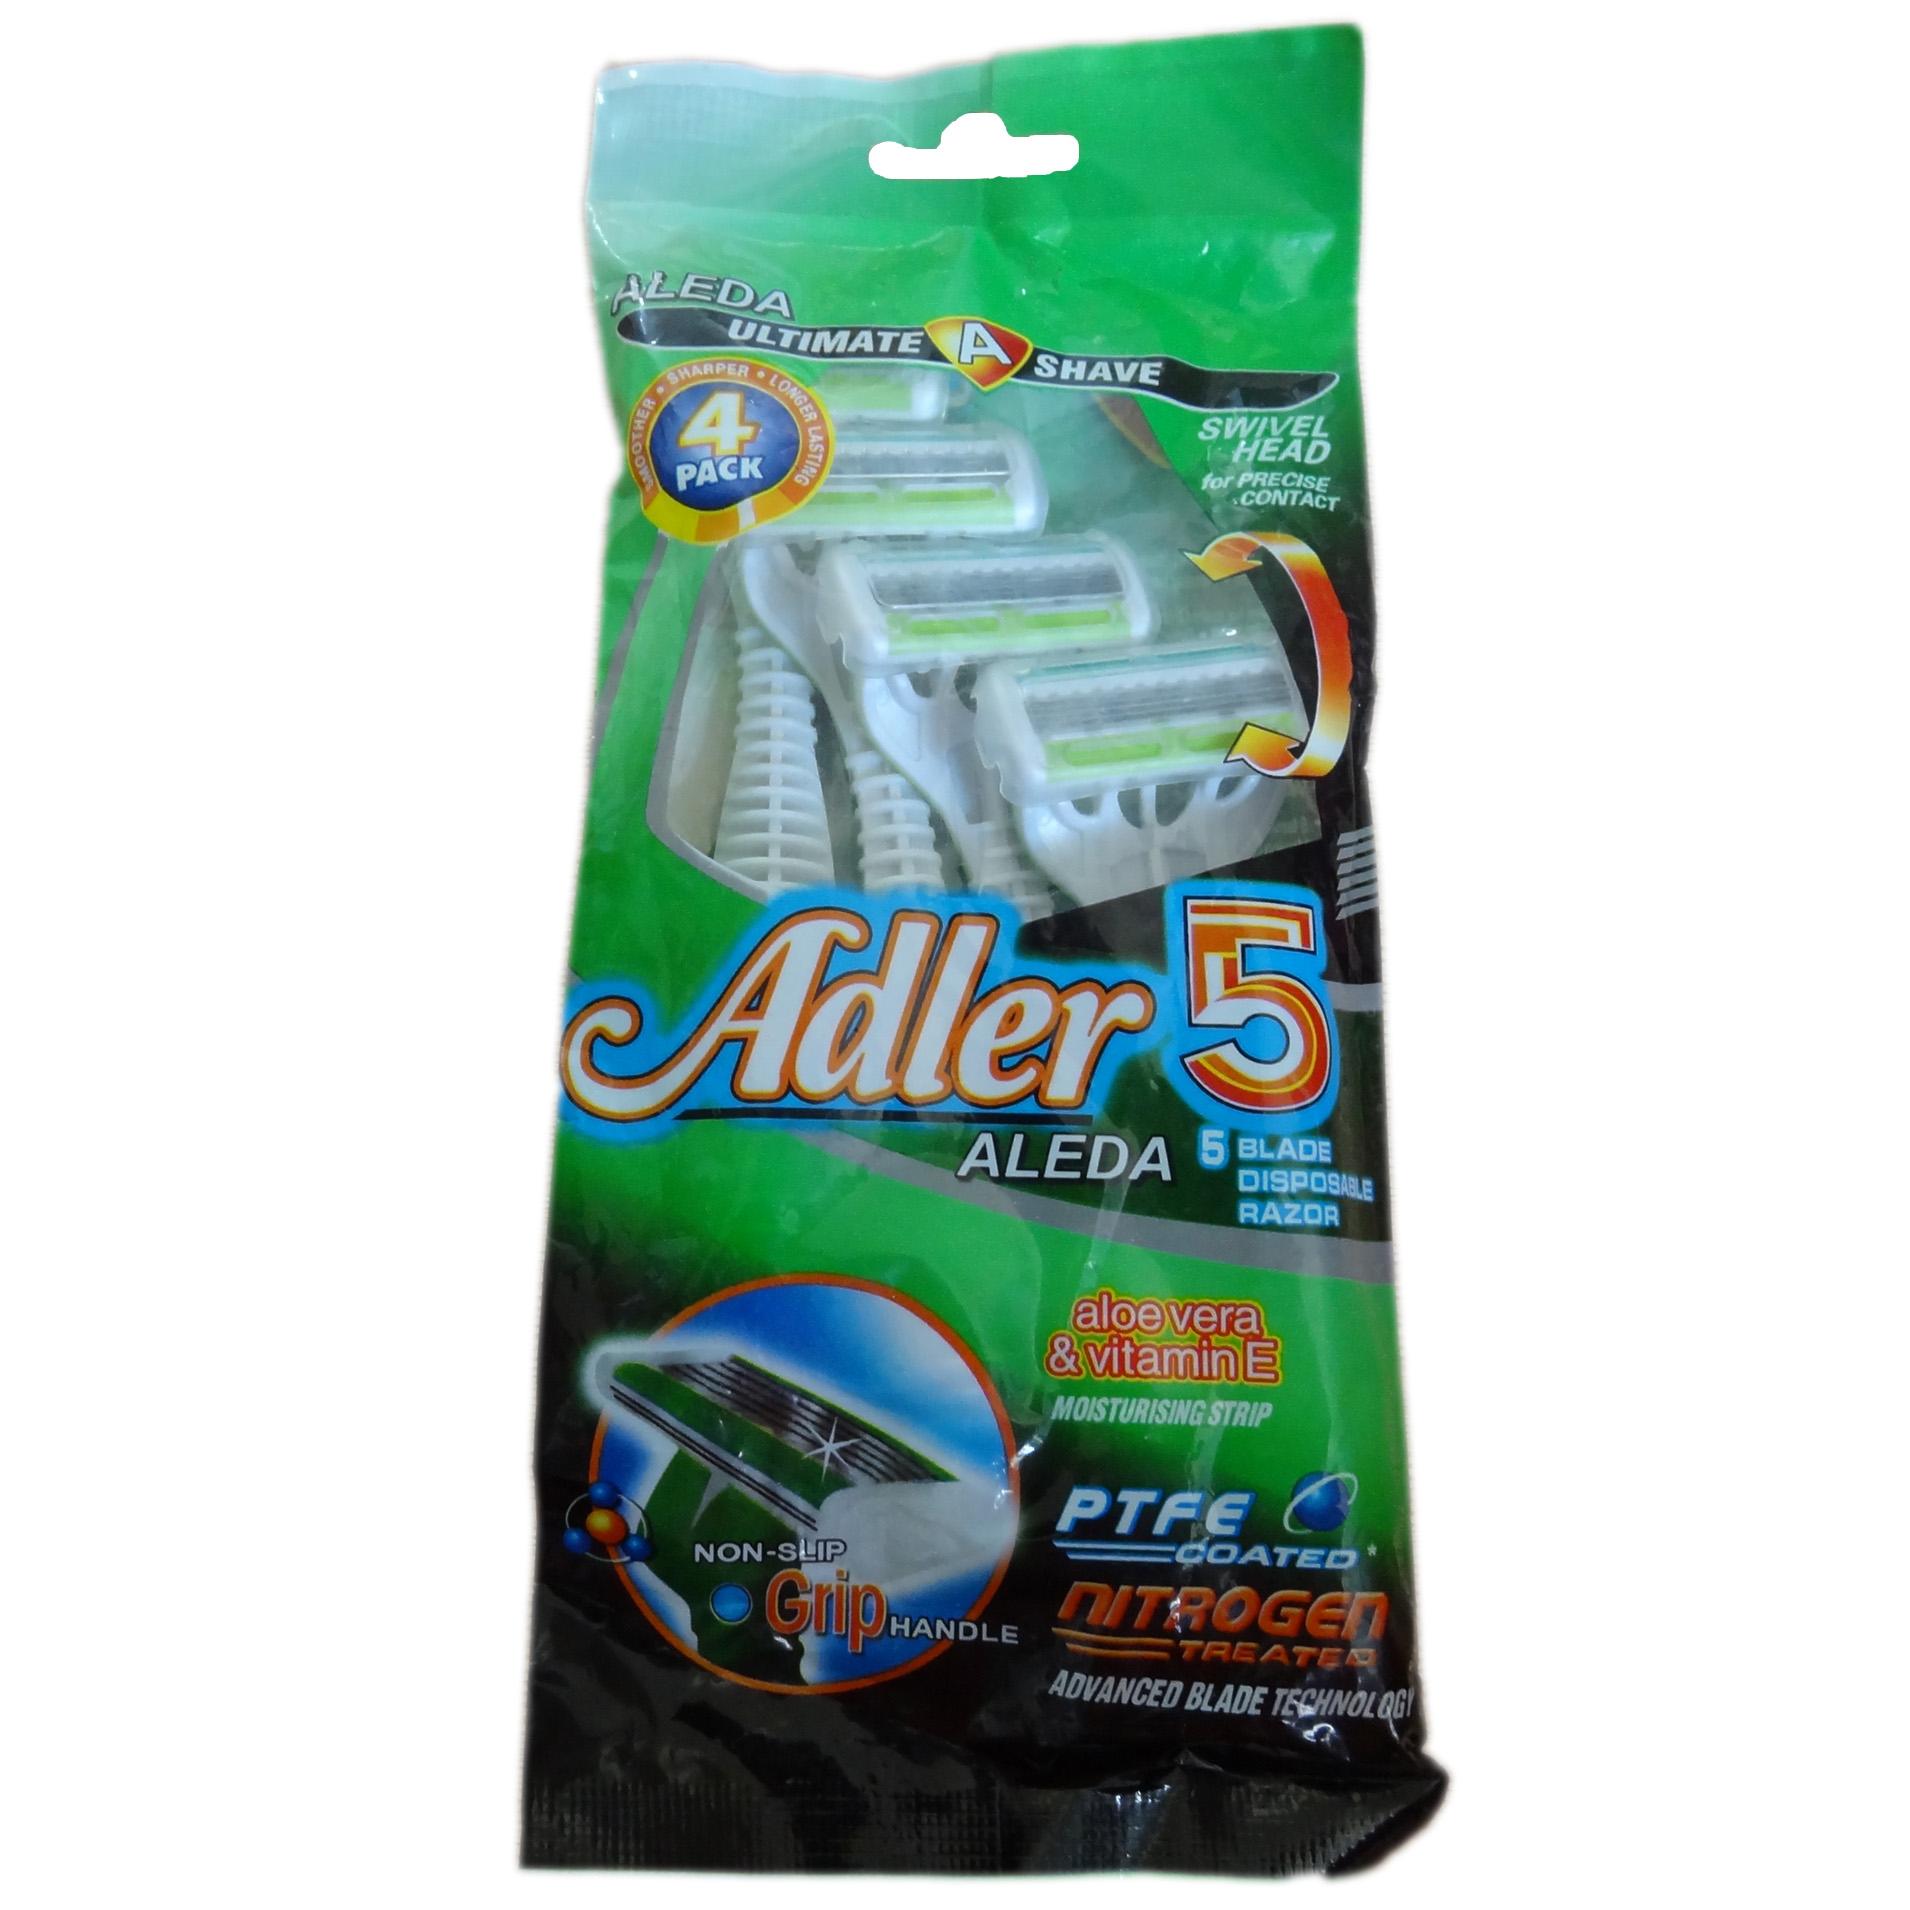 خود تراش ژیلت مدل 5 Adler Aleda بسته 4 عددی